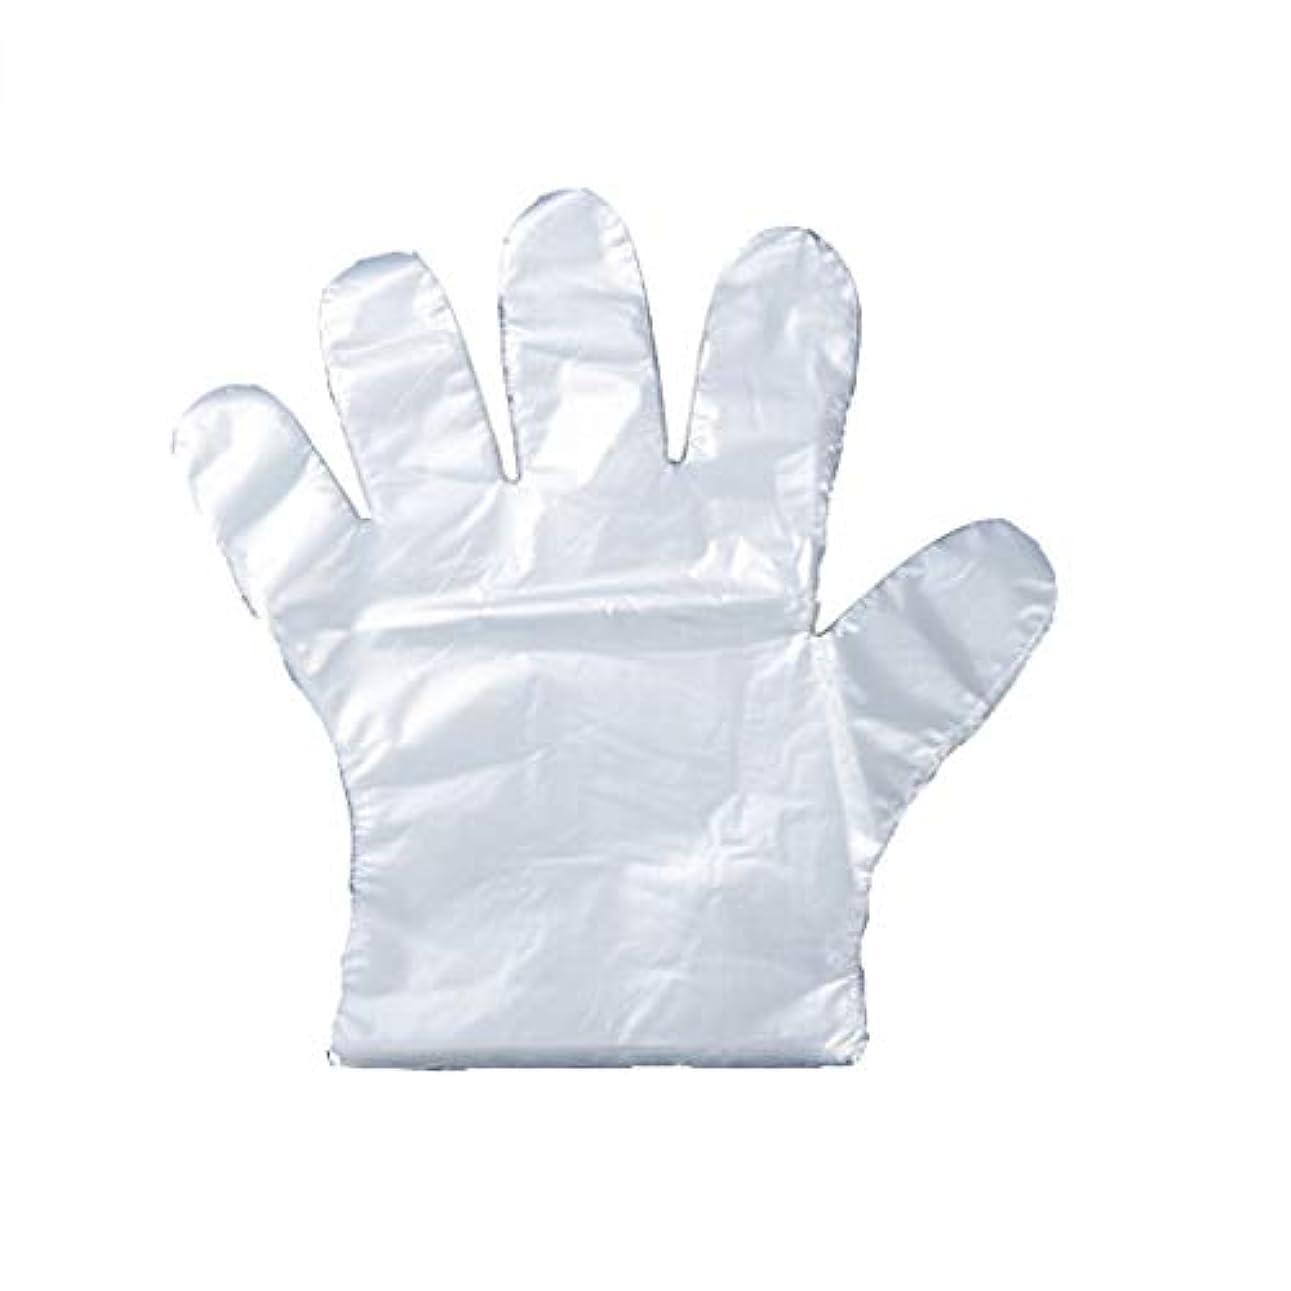 つづり実際に海洋手袋の使い捨て手袋のフィルム家庭用キッチンの食品は、透明PEプラスチック手袋100パッケージを厚くした (UnitCount : 200)